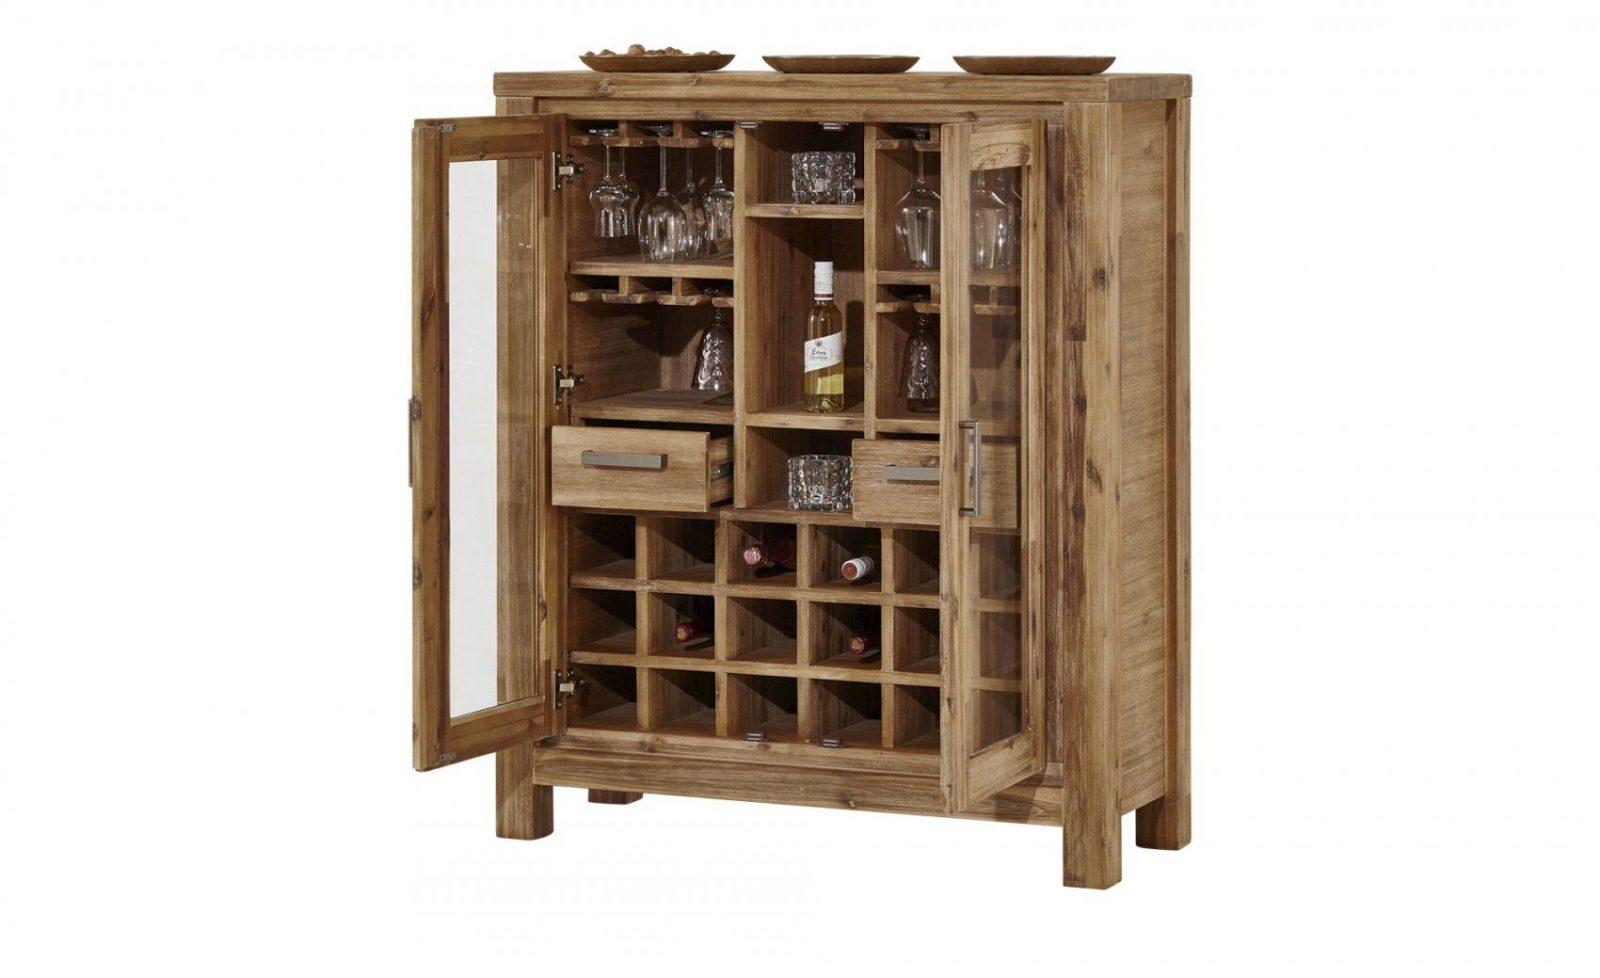 Holz Barschrank Von Busterpunch Bar Ikea Billy Design Moderner von Bar Schrank Selber Bauen Bild